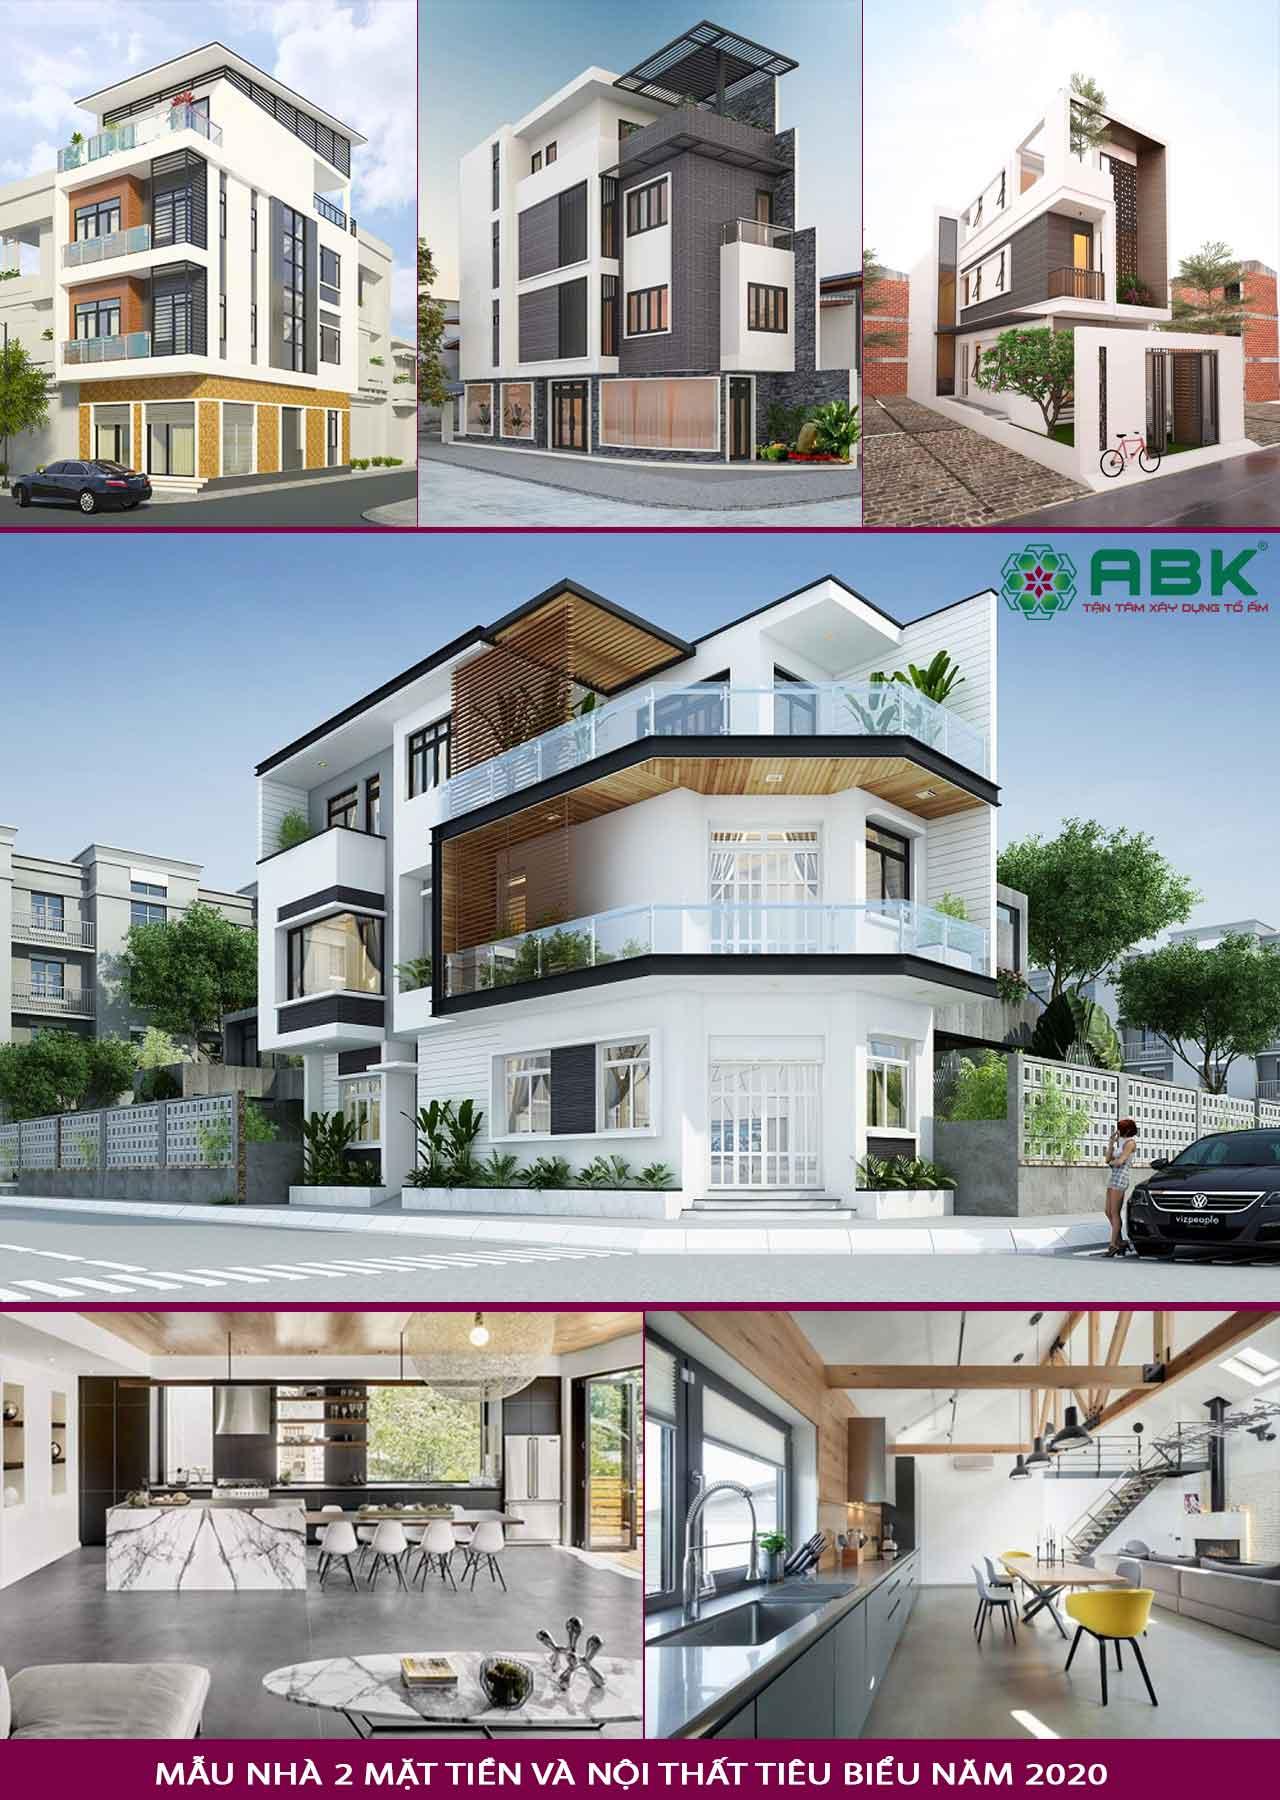 Chi phí xây dựng trọn gói nhà phố 2 mặt tiền